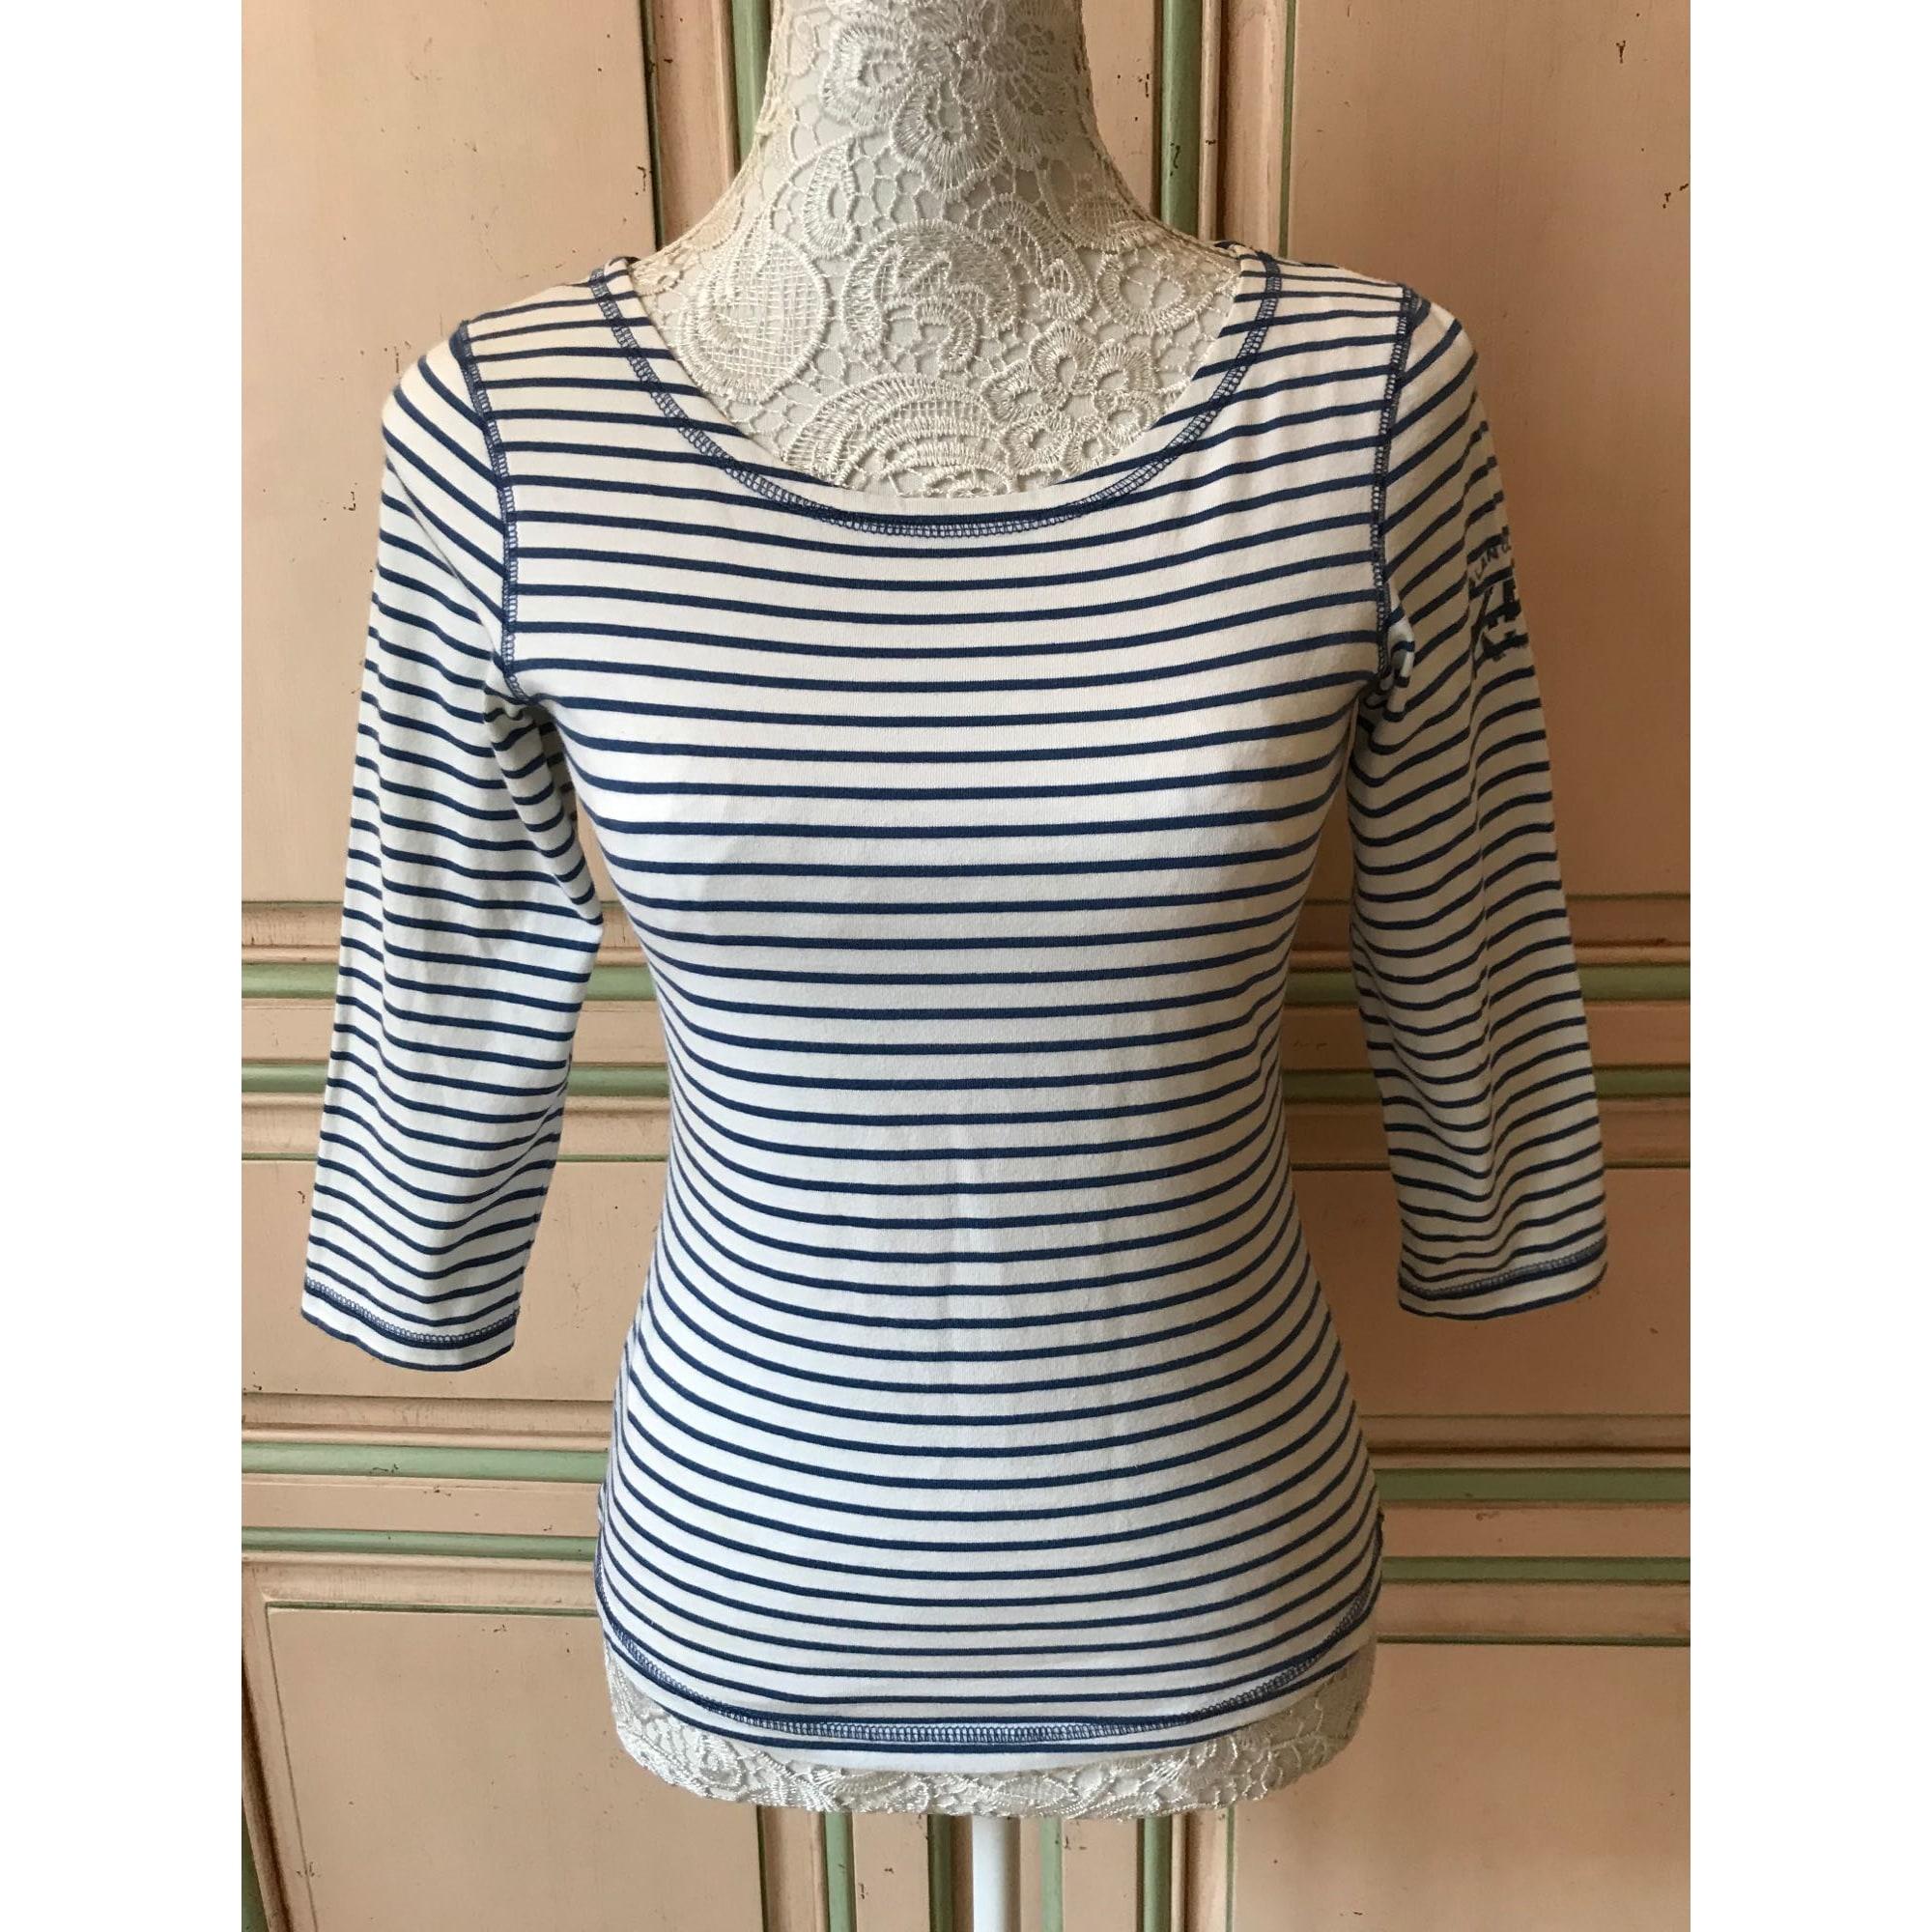 Top, tee-shirt BLANC BLEU Multicouleur